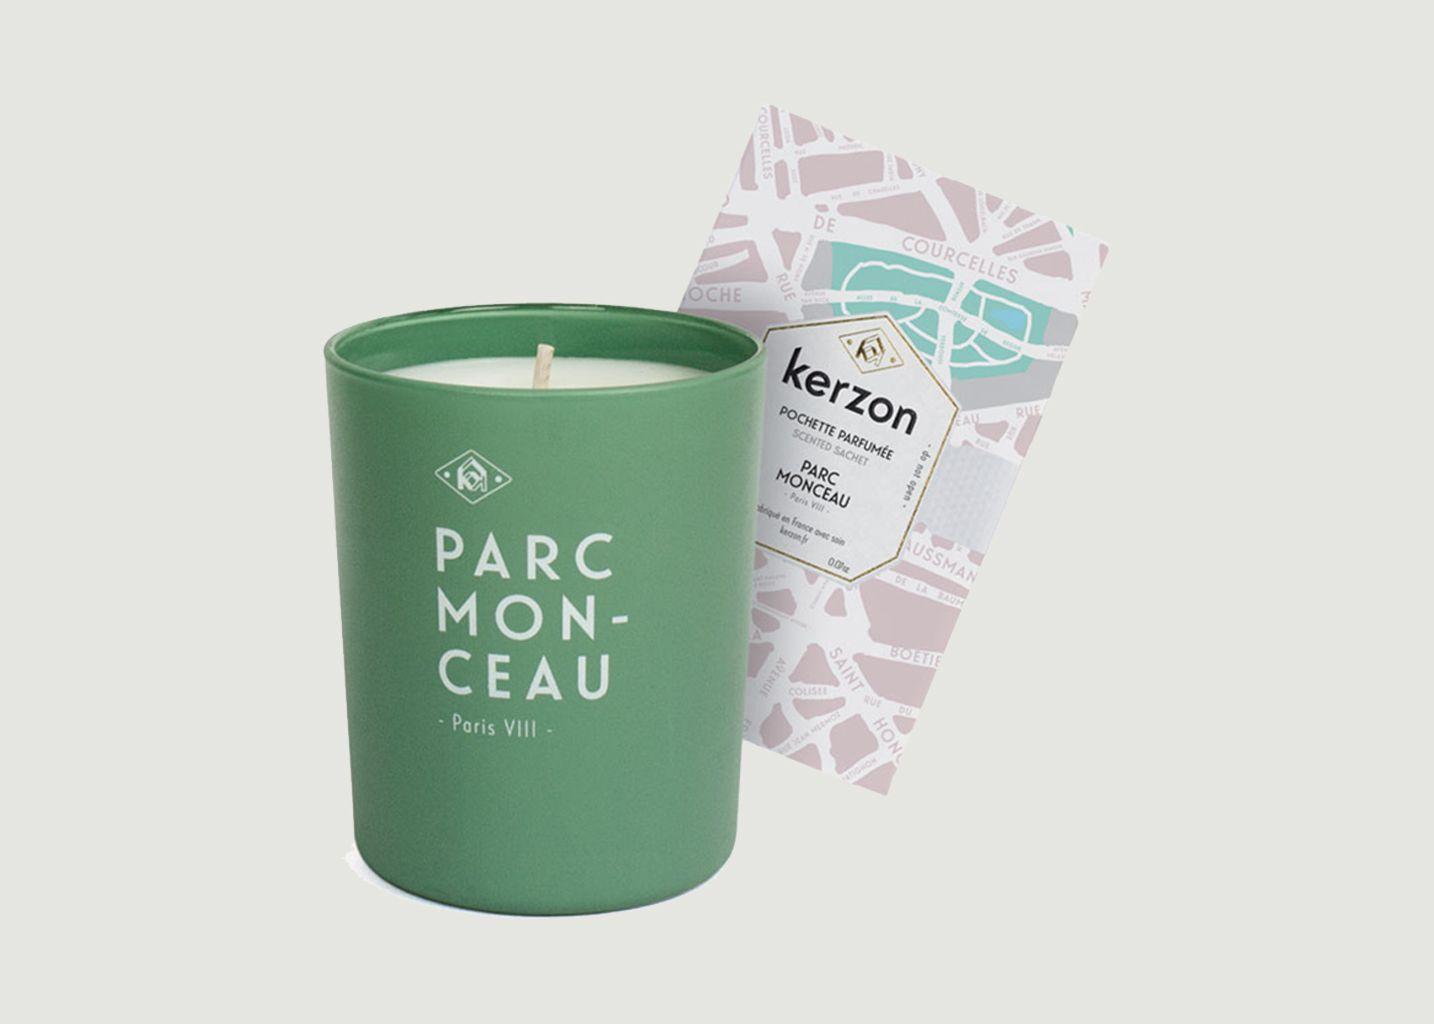 Bougie Parc Monceau Paris VIII - Kerzon